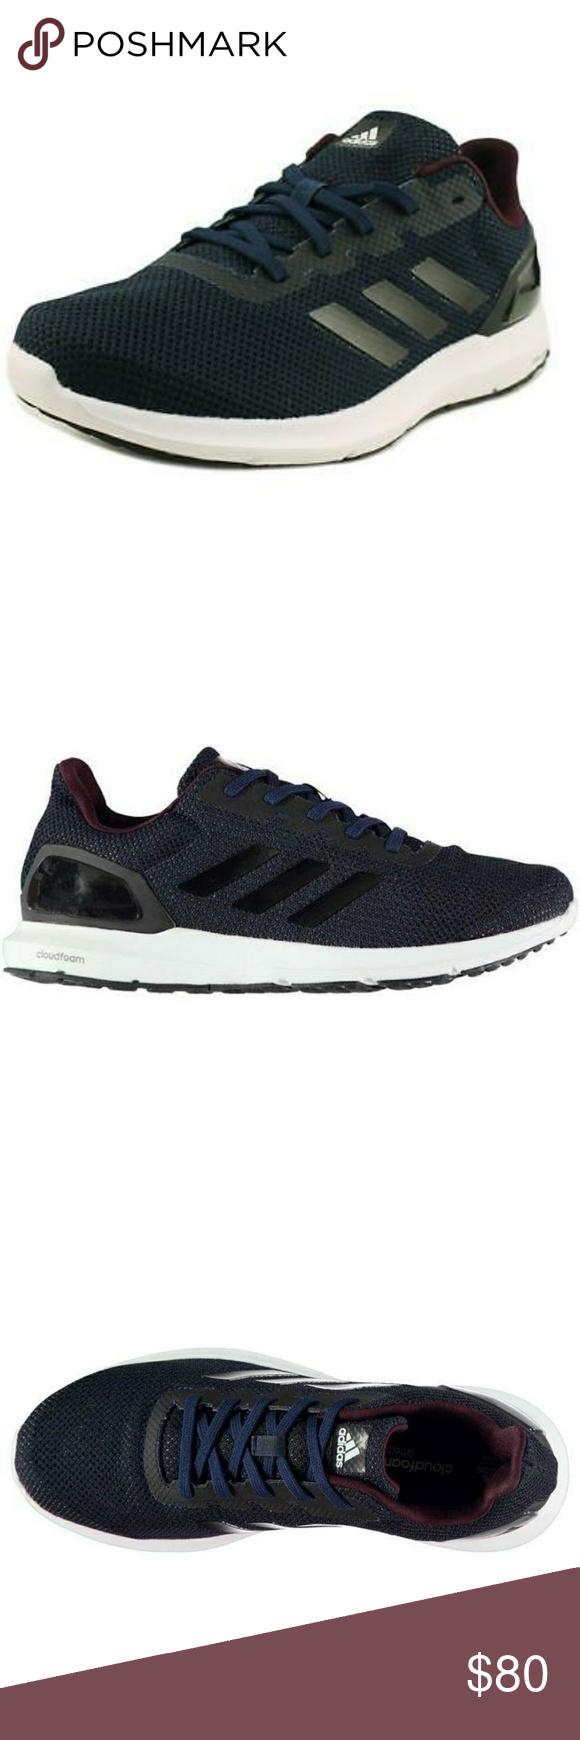 Adidas Cosmico 2 Cp9484 Boutique Pinterest Le Adidas, Atletica